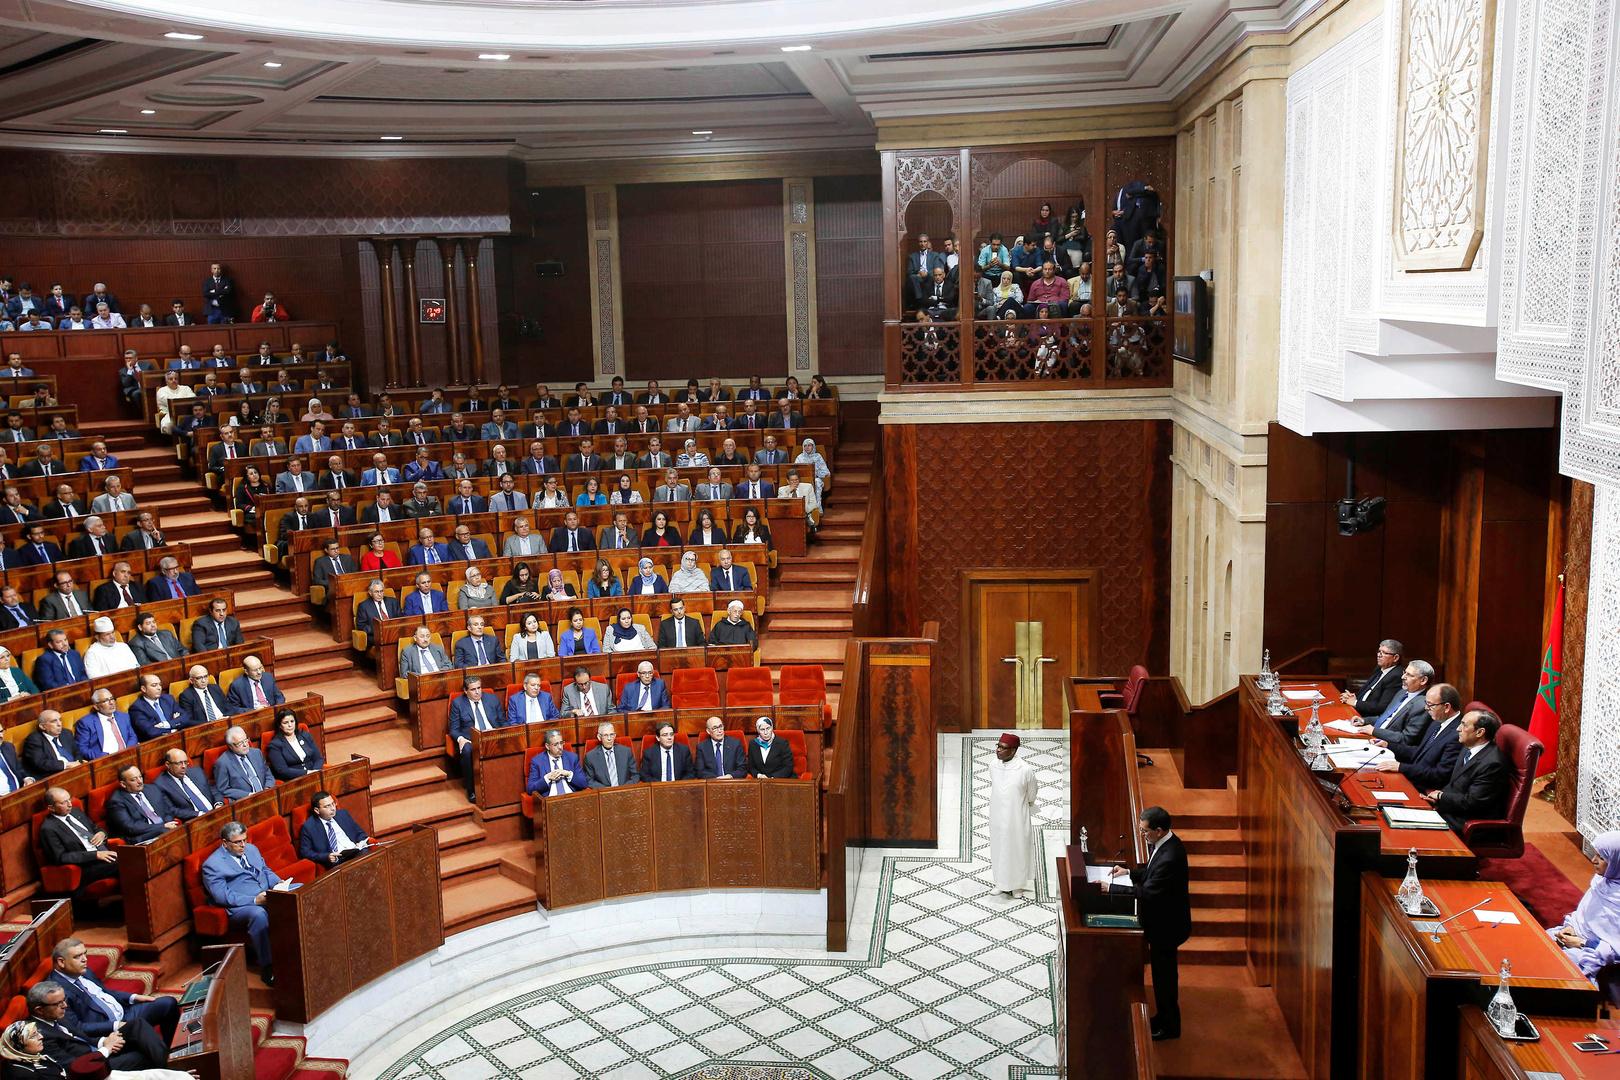 المغرب.. المعارضة تطالب بحظر استغلال الرموز الدينية في الحملات الانتخابية